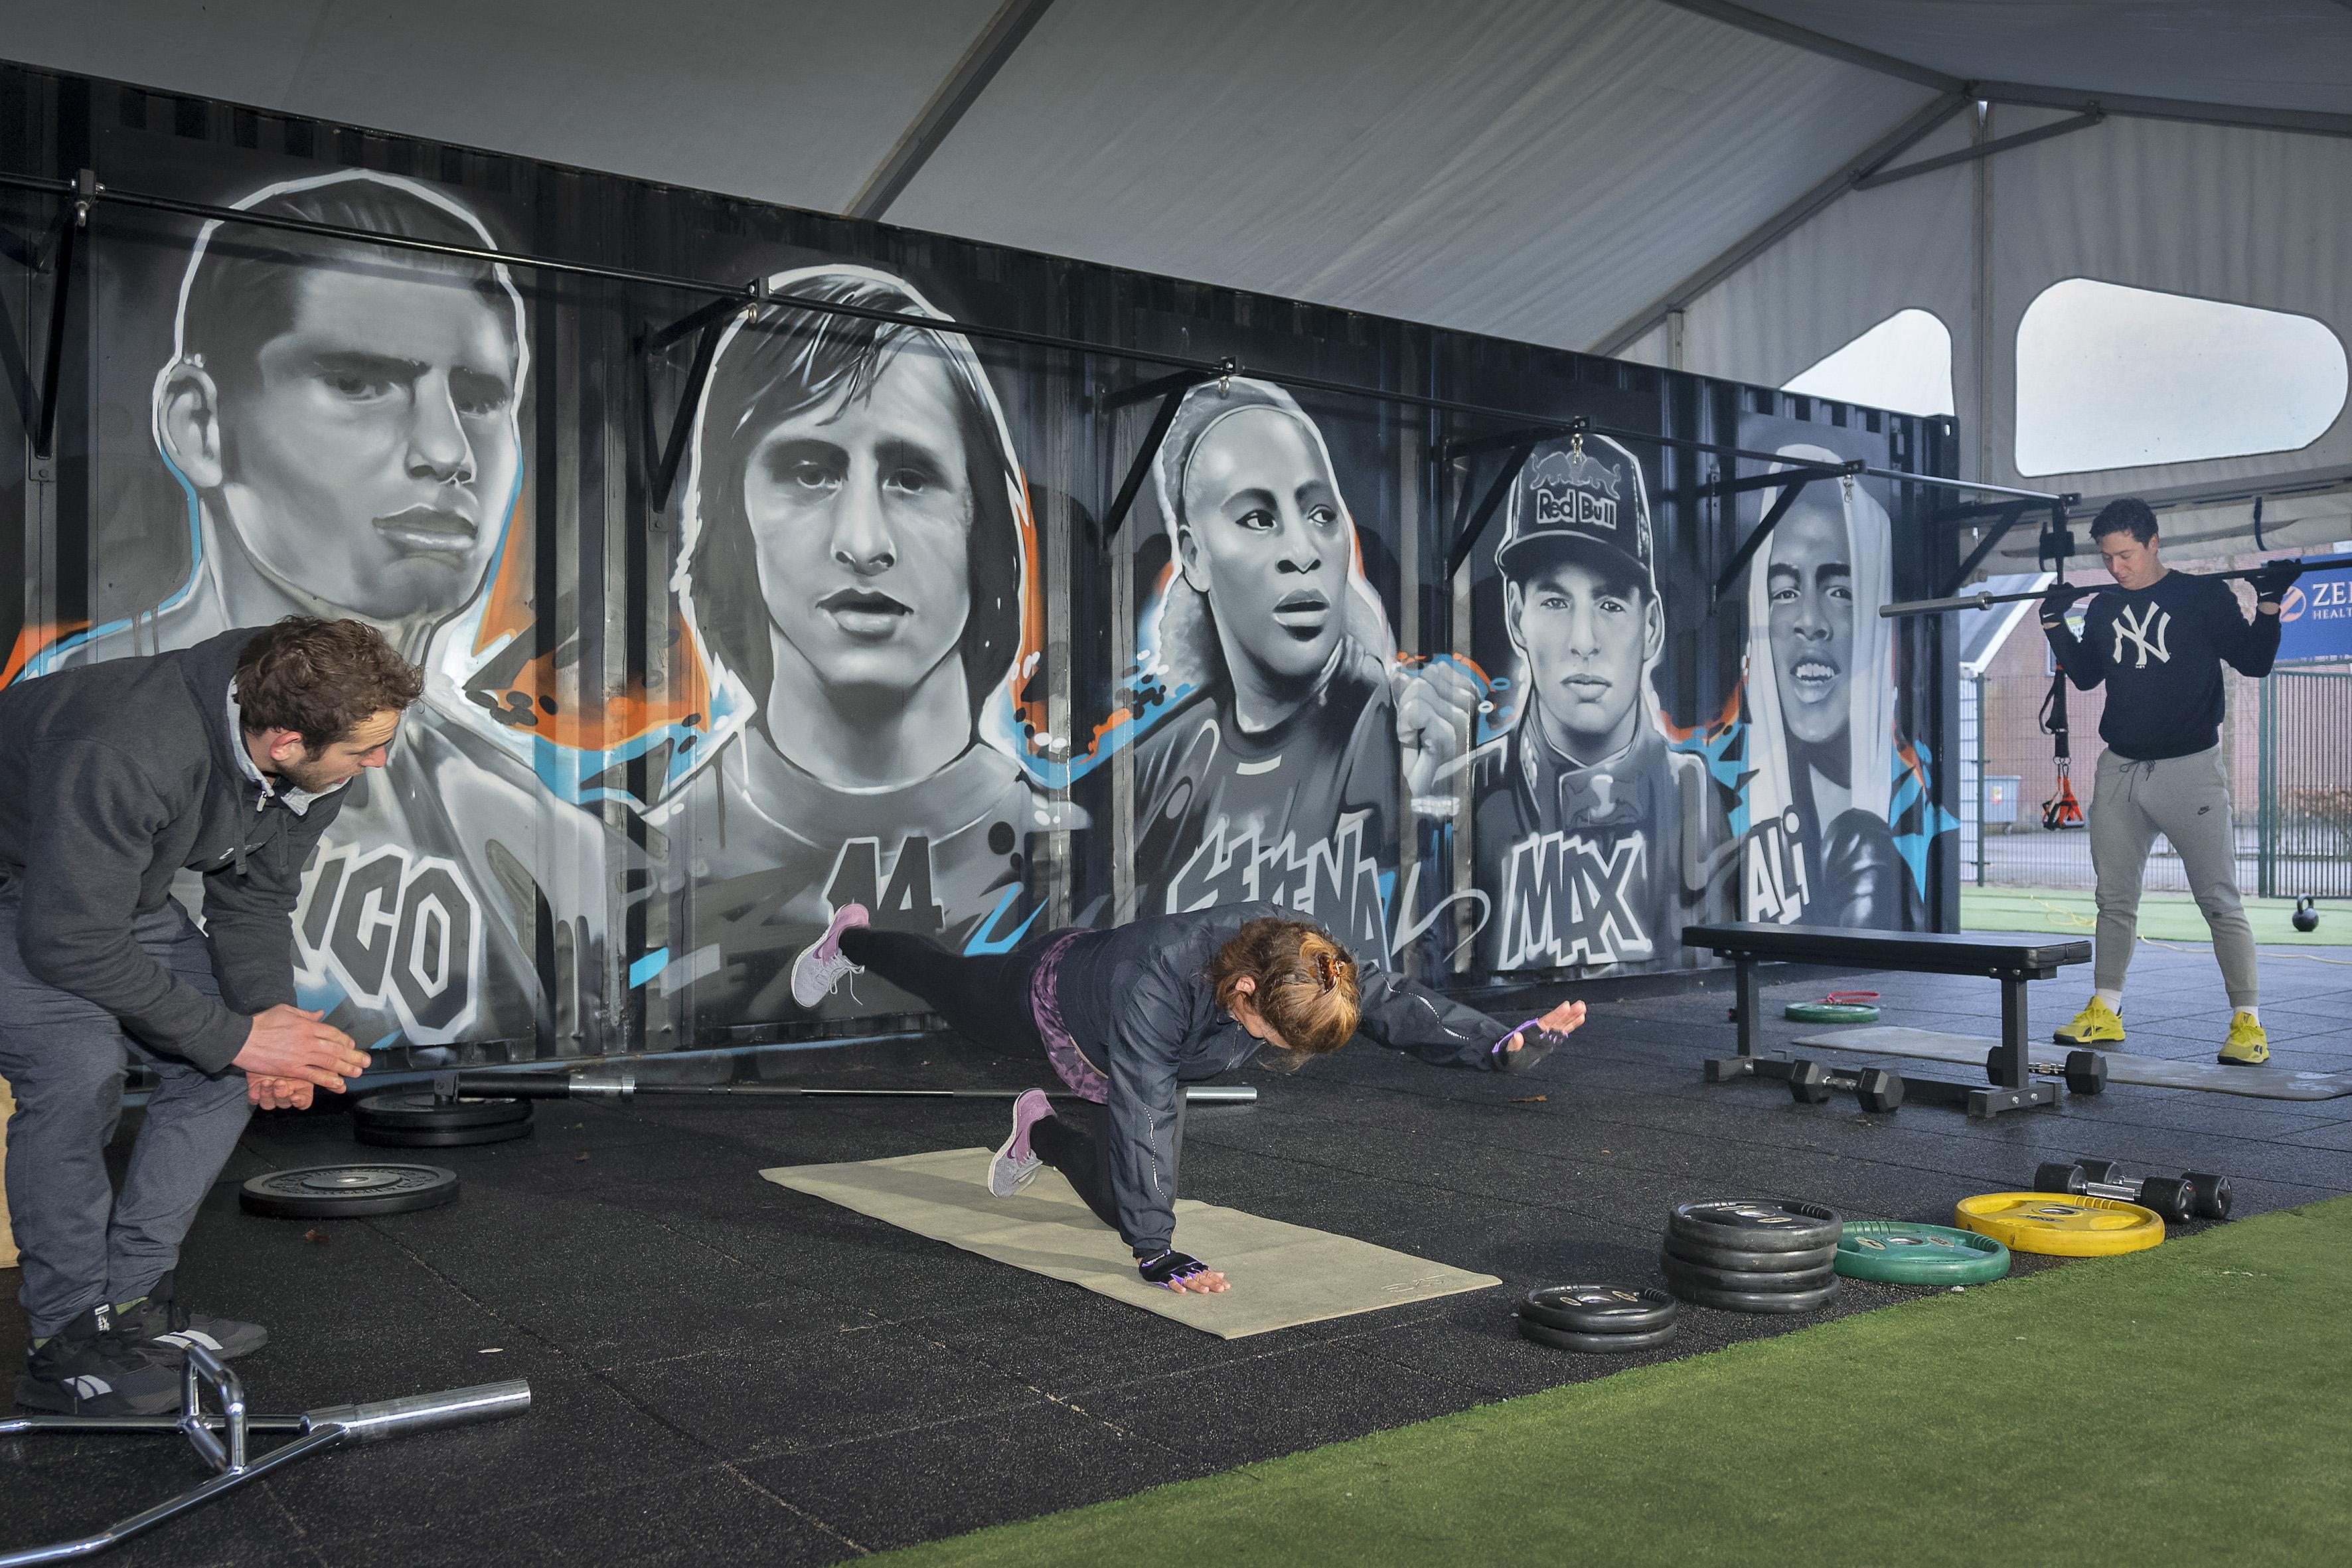 Planken terwijl Rico Verhoeven toekijkt, buitensportschool in Overveen geopend